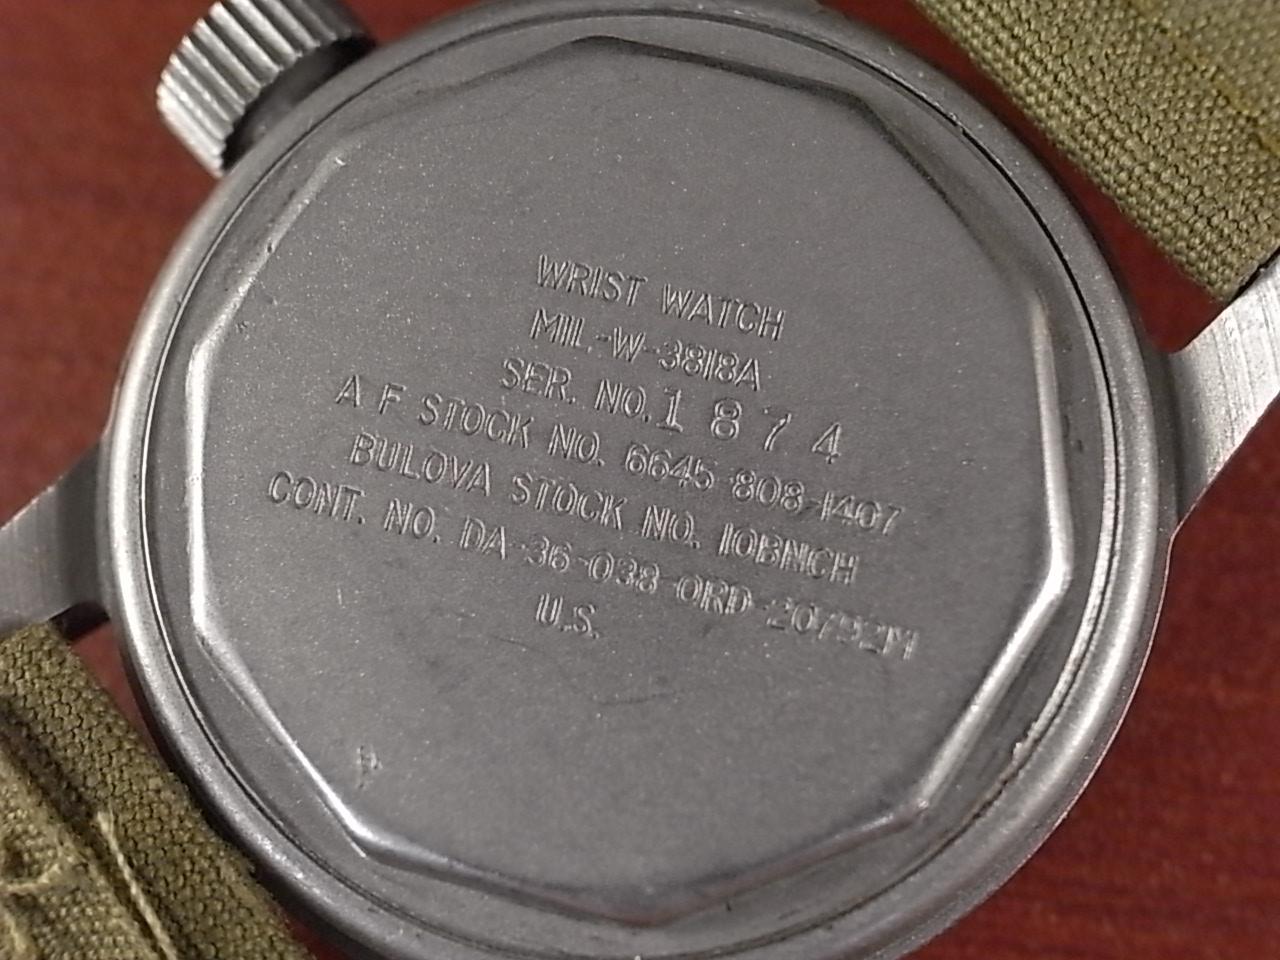 ブローバ 軍用時計 米軍 MIL-W-3818A ニアミント 1950年代の写真4枚目